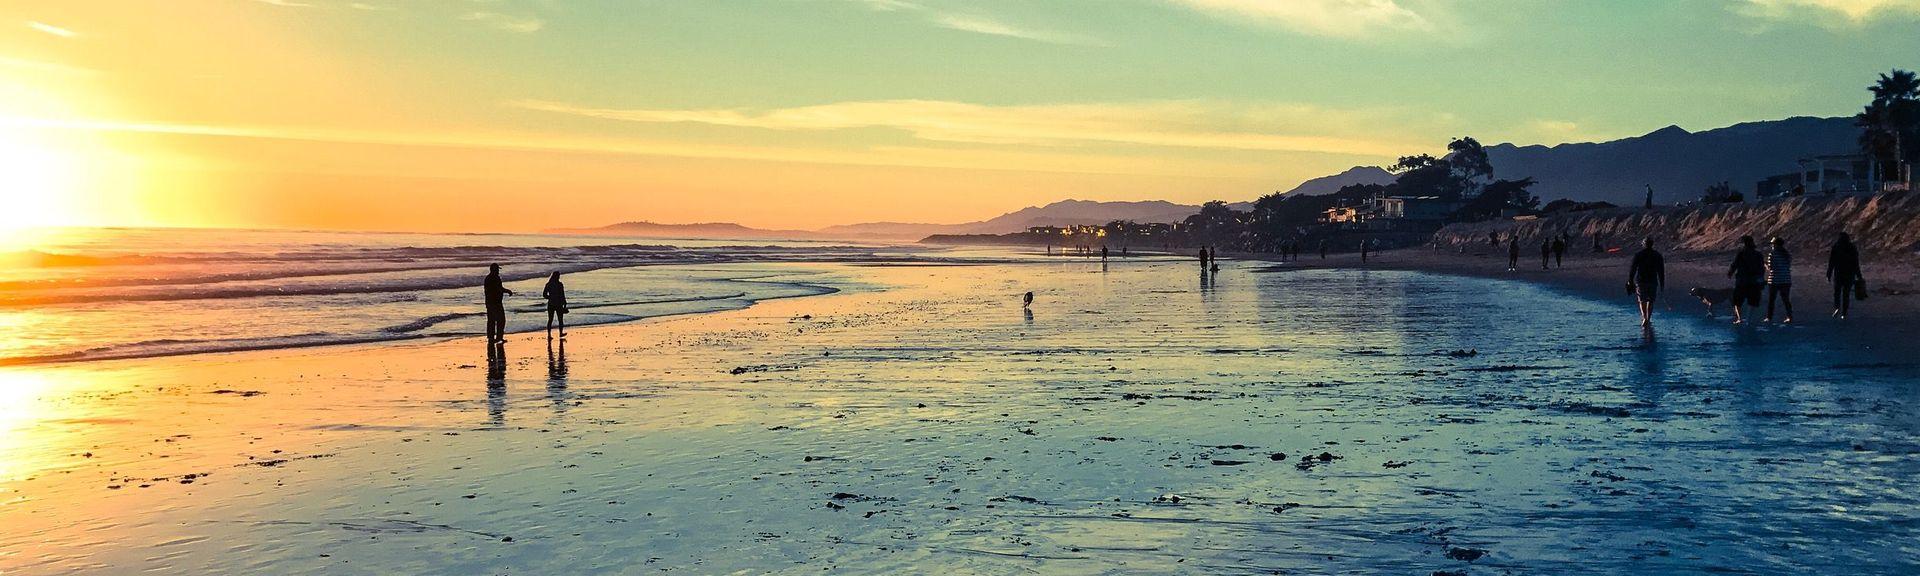 Carpinteria State Beach, Carpinteria, CA, USA